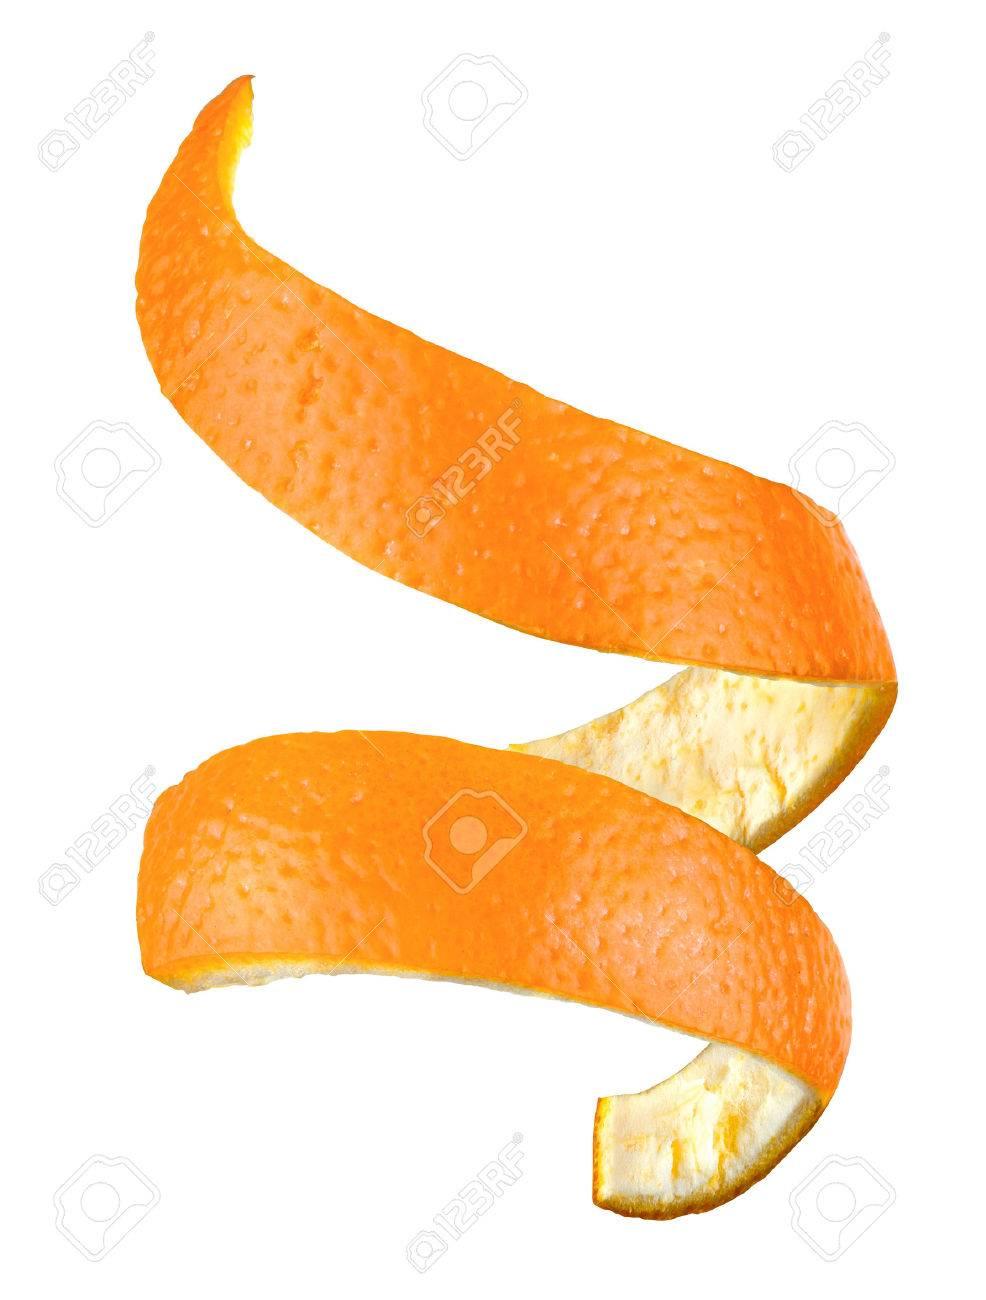 orange peel isolated Stock Photo - 40774723